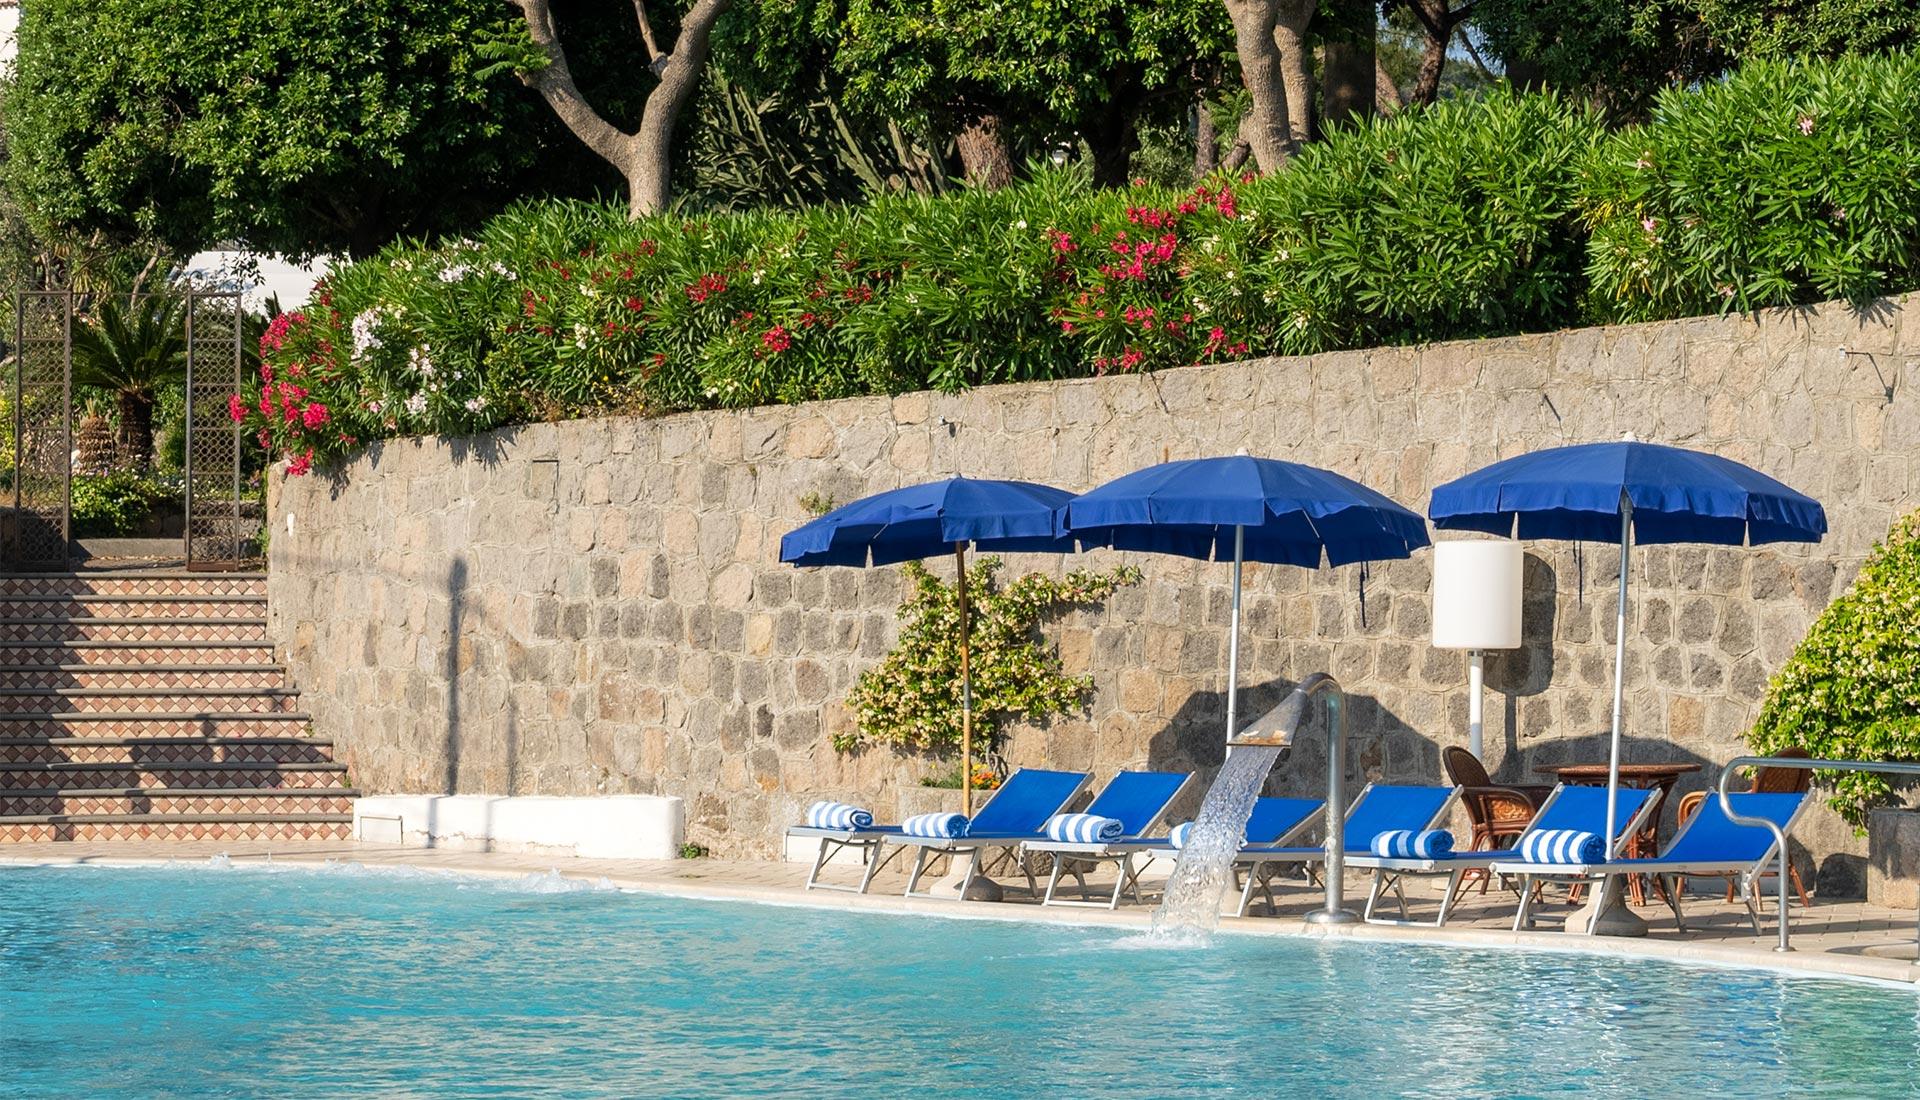 albergo-sanlorenzo_piscine_album_04